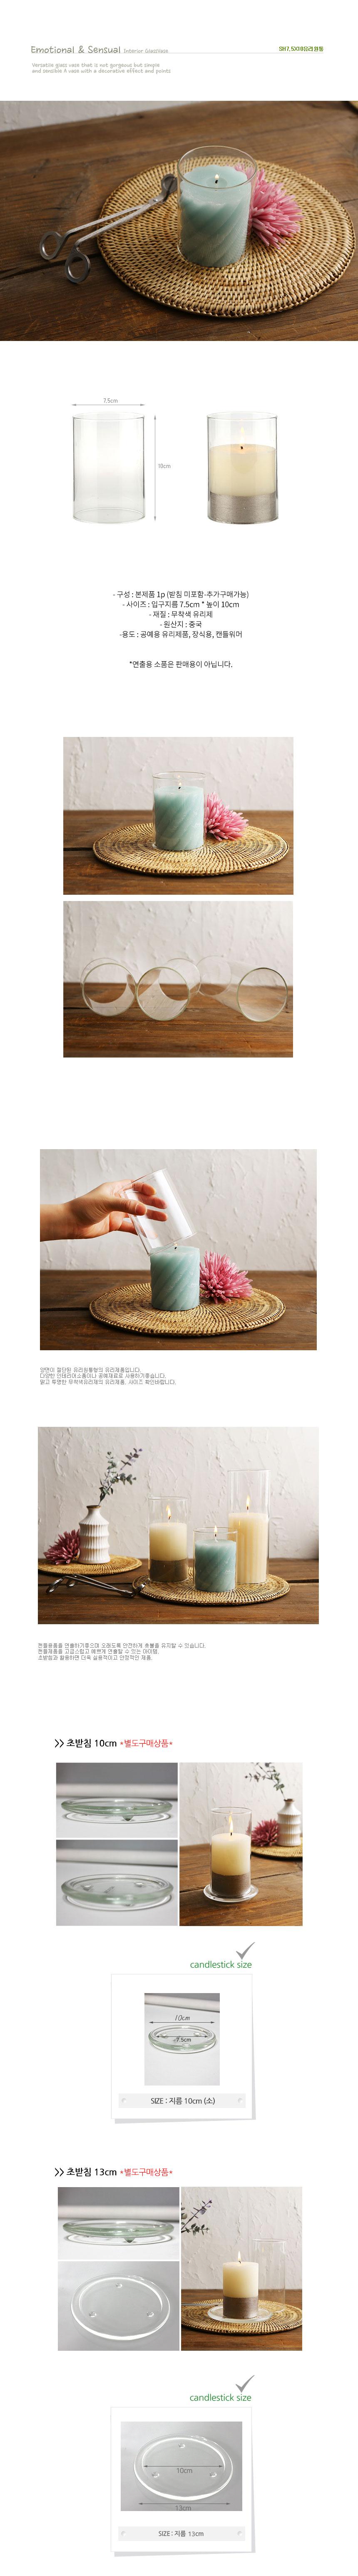 호야 유리원통실린더 캔들워머(7.5x10) - 글라스코, 3,200원, 캔들, 캔들홀더/소품